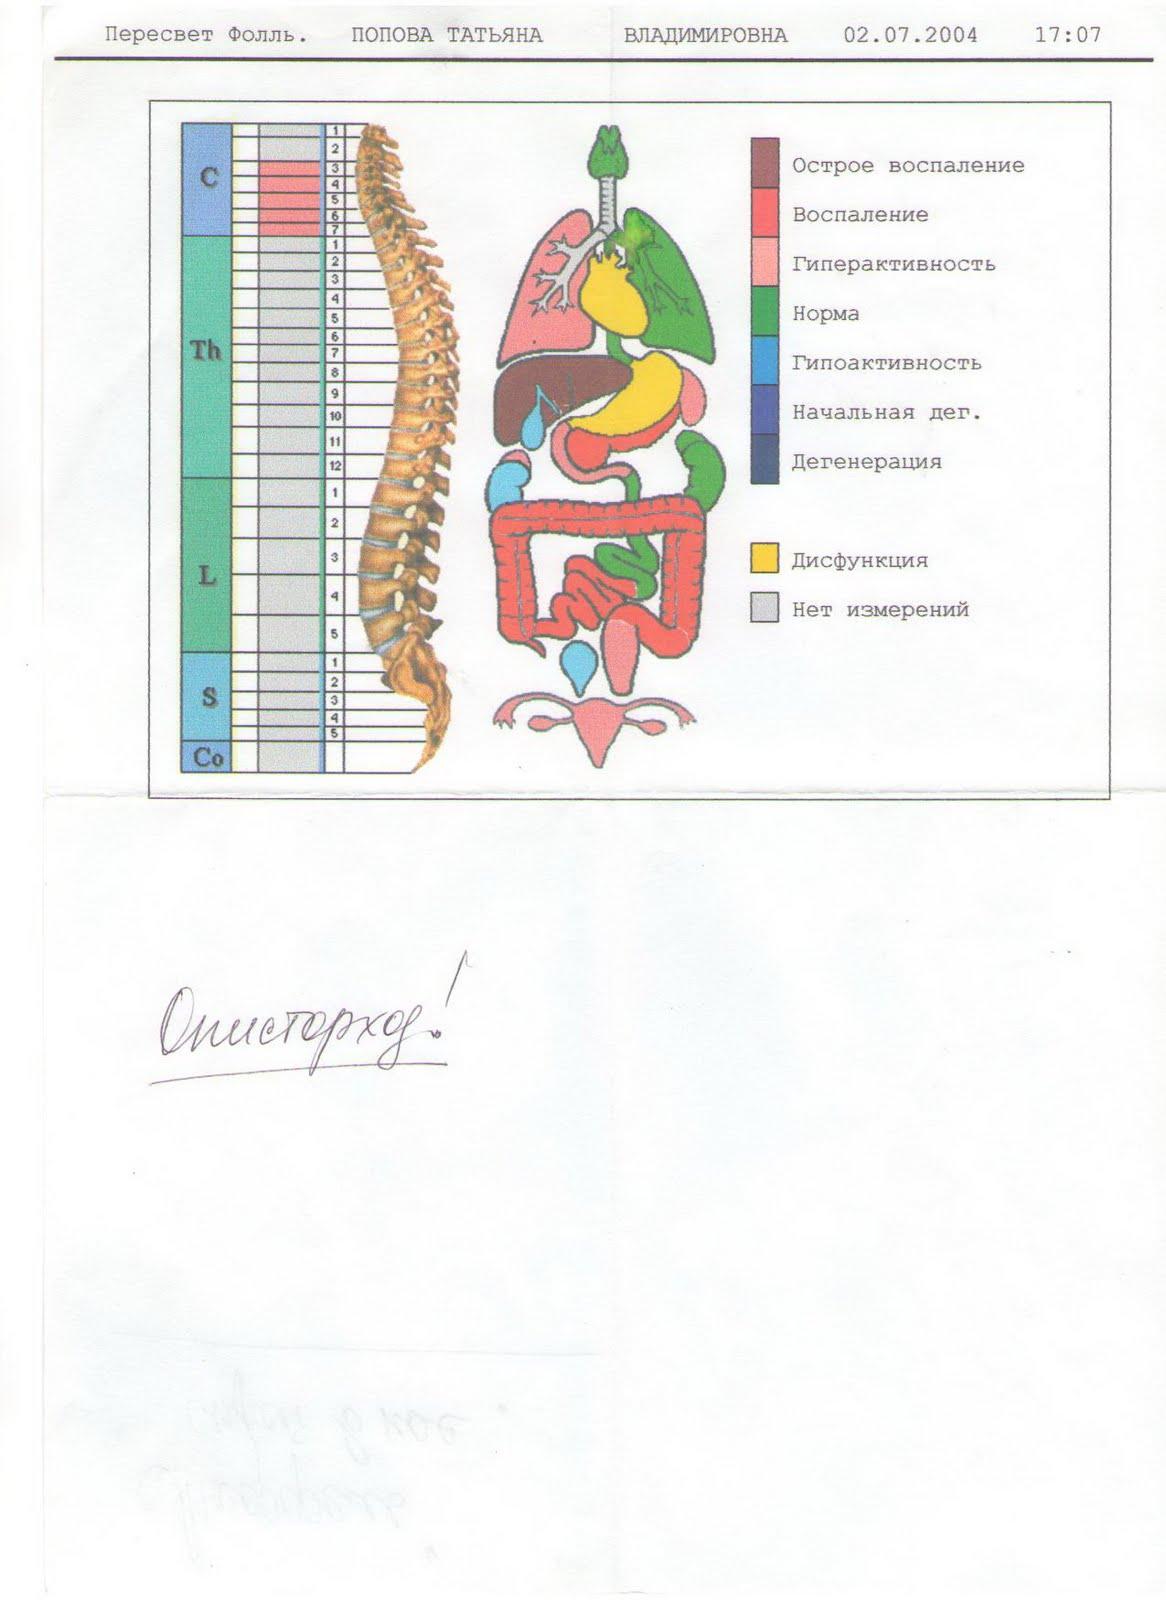 Диагностика, лечение и основы профилактики - ALPPP ru